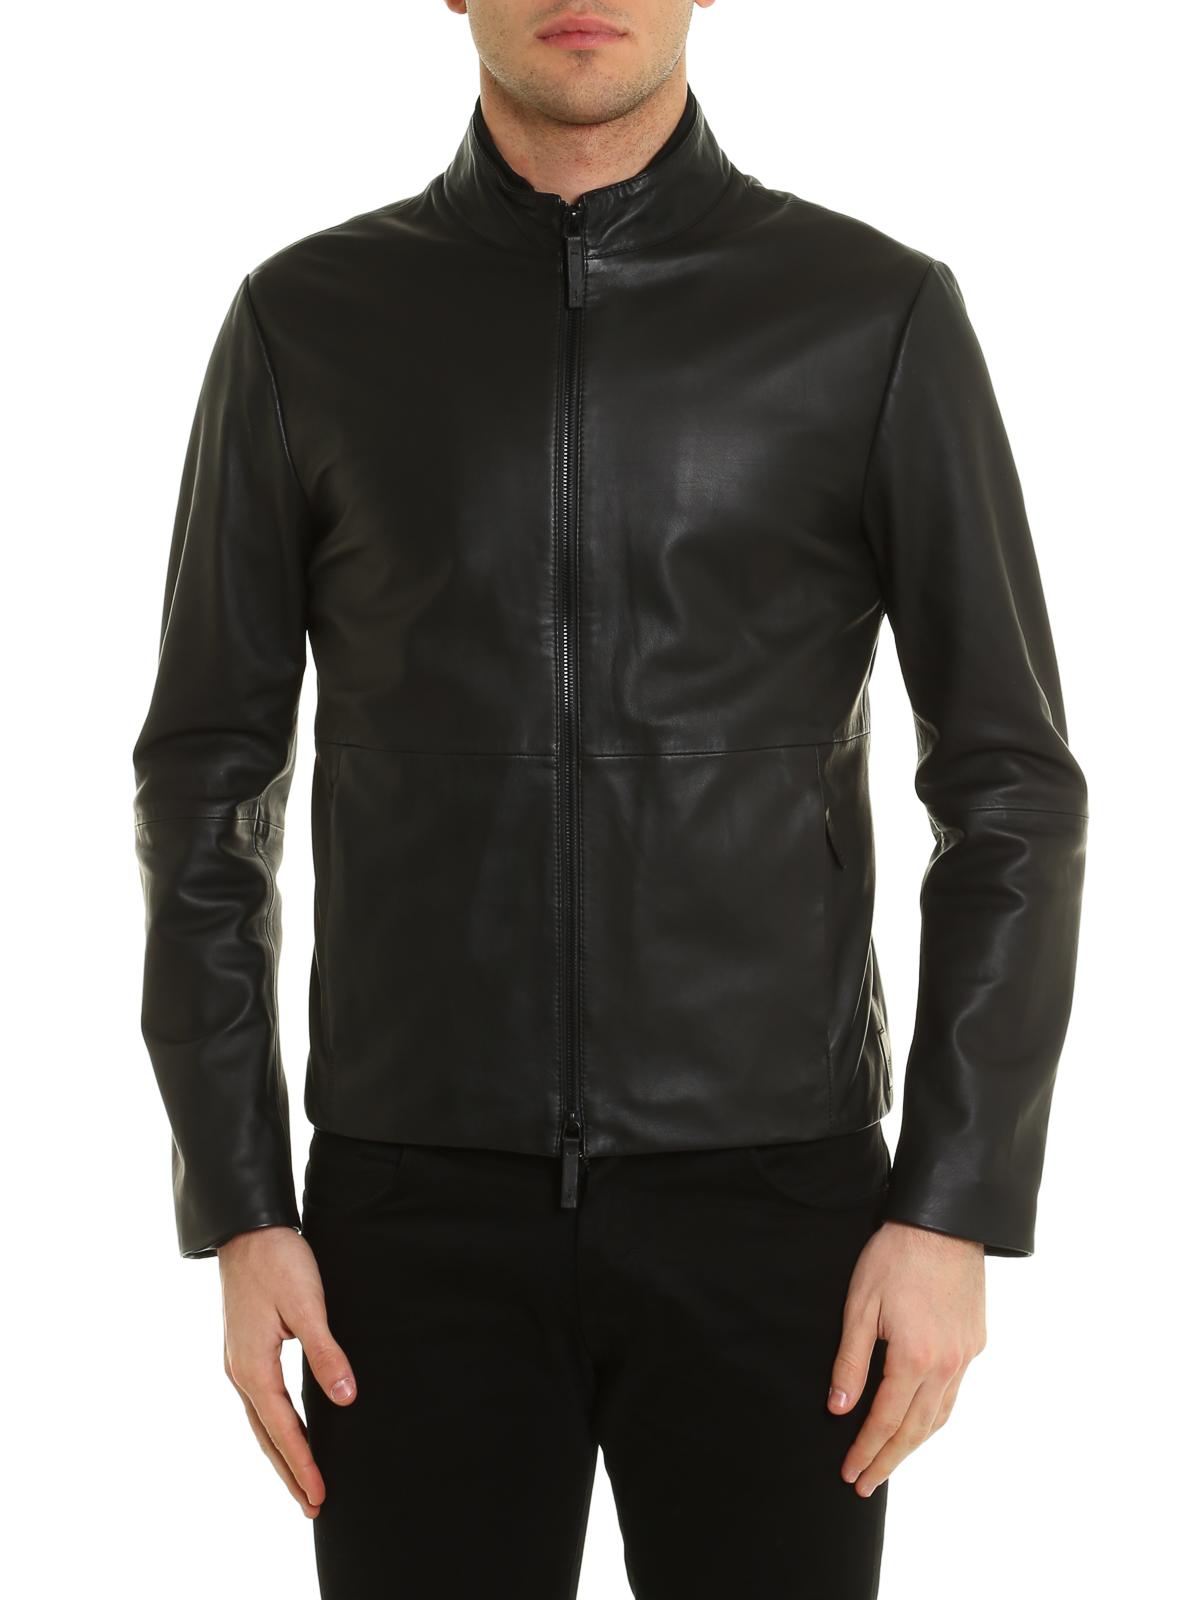 Noir Cuir Homme Armani Vestes En Manteau Pour Collezioni vIOpOx 5f409f6d480